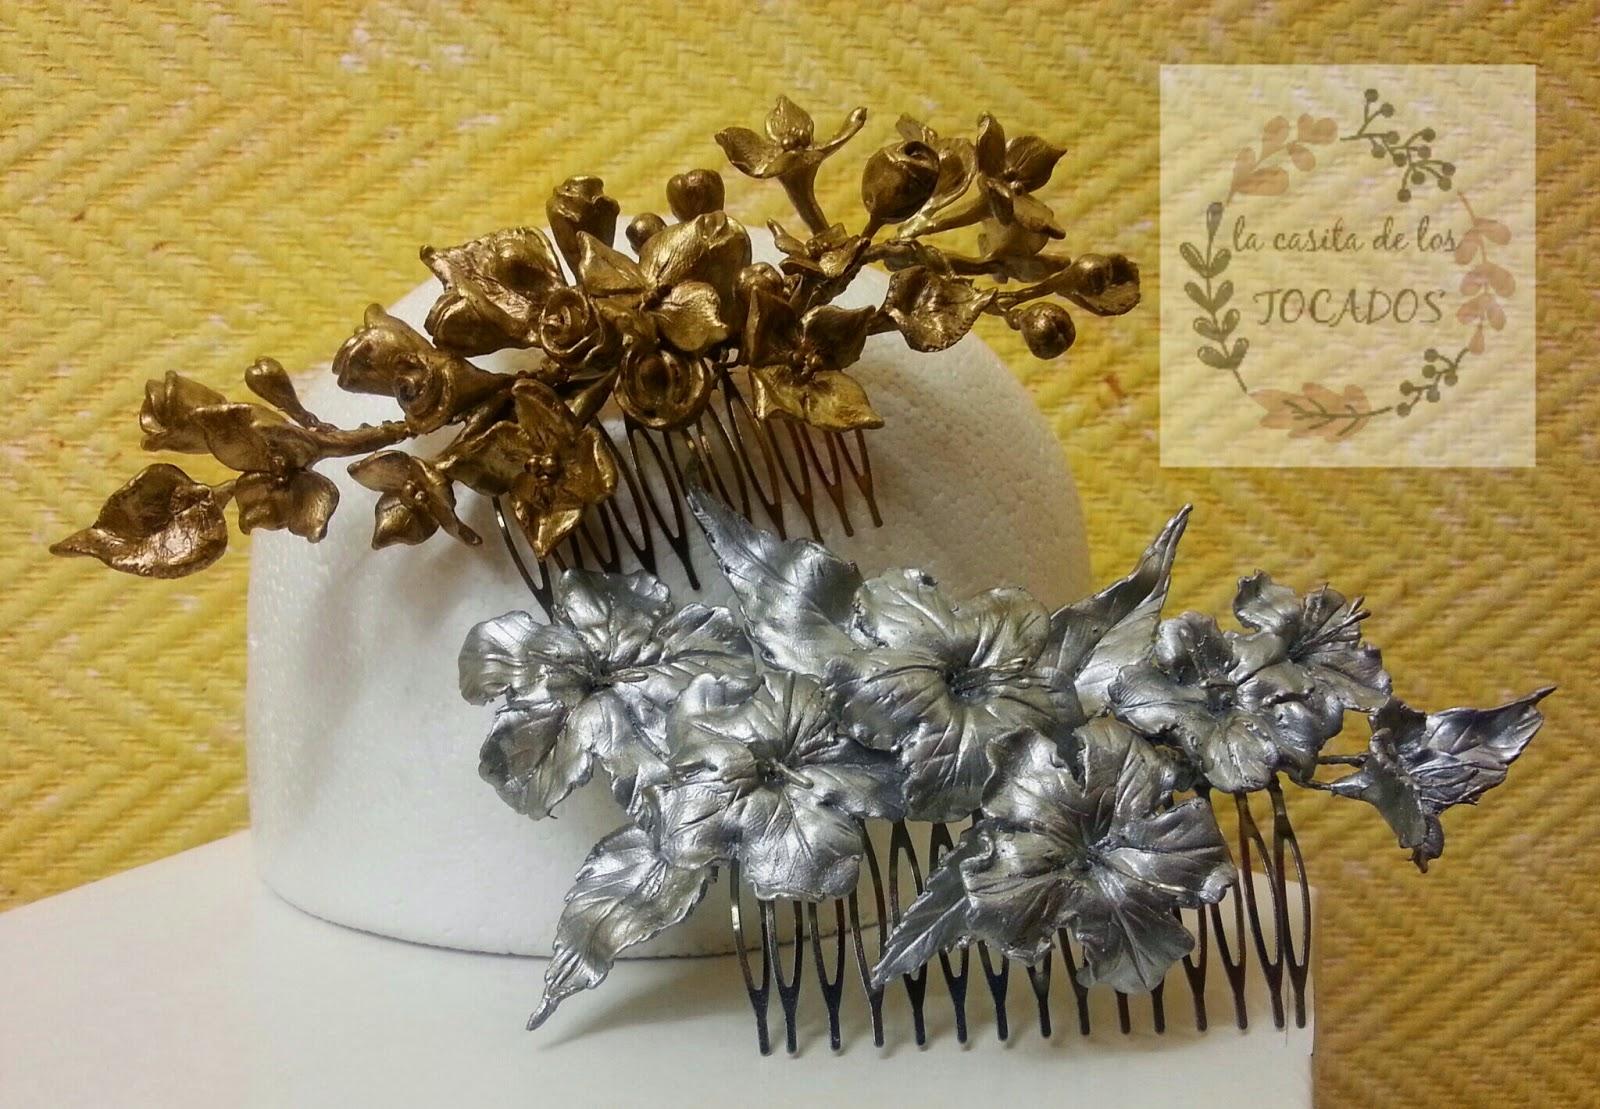 peinetas artesanales en dorado envejecido y plata